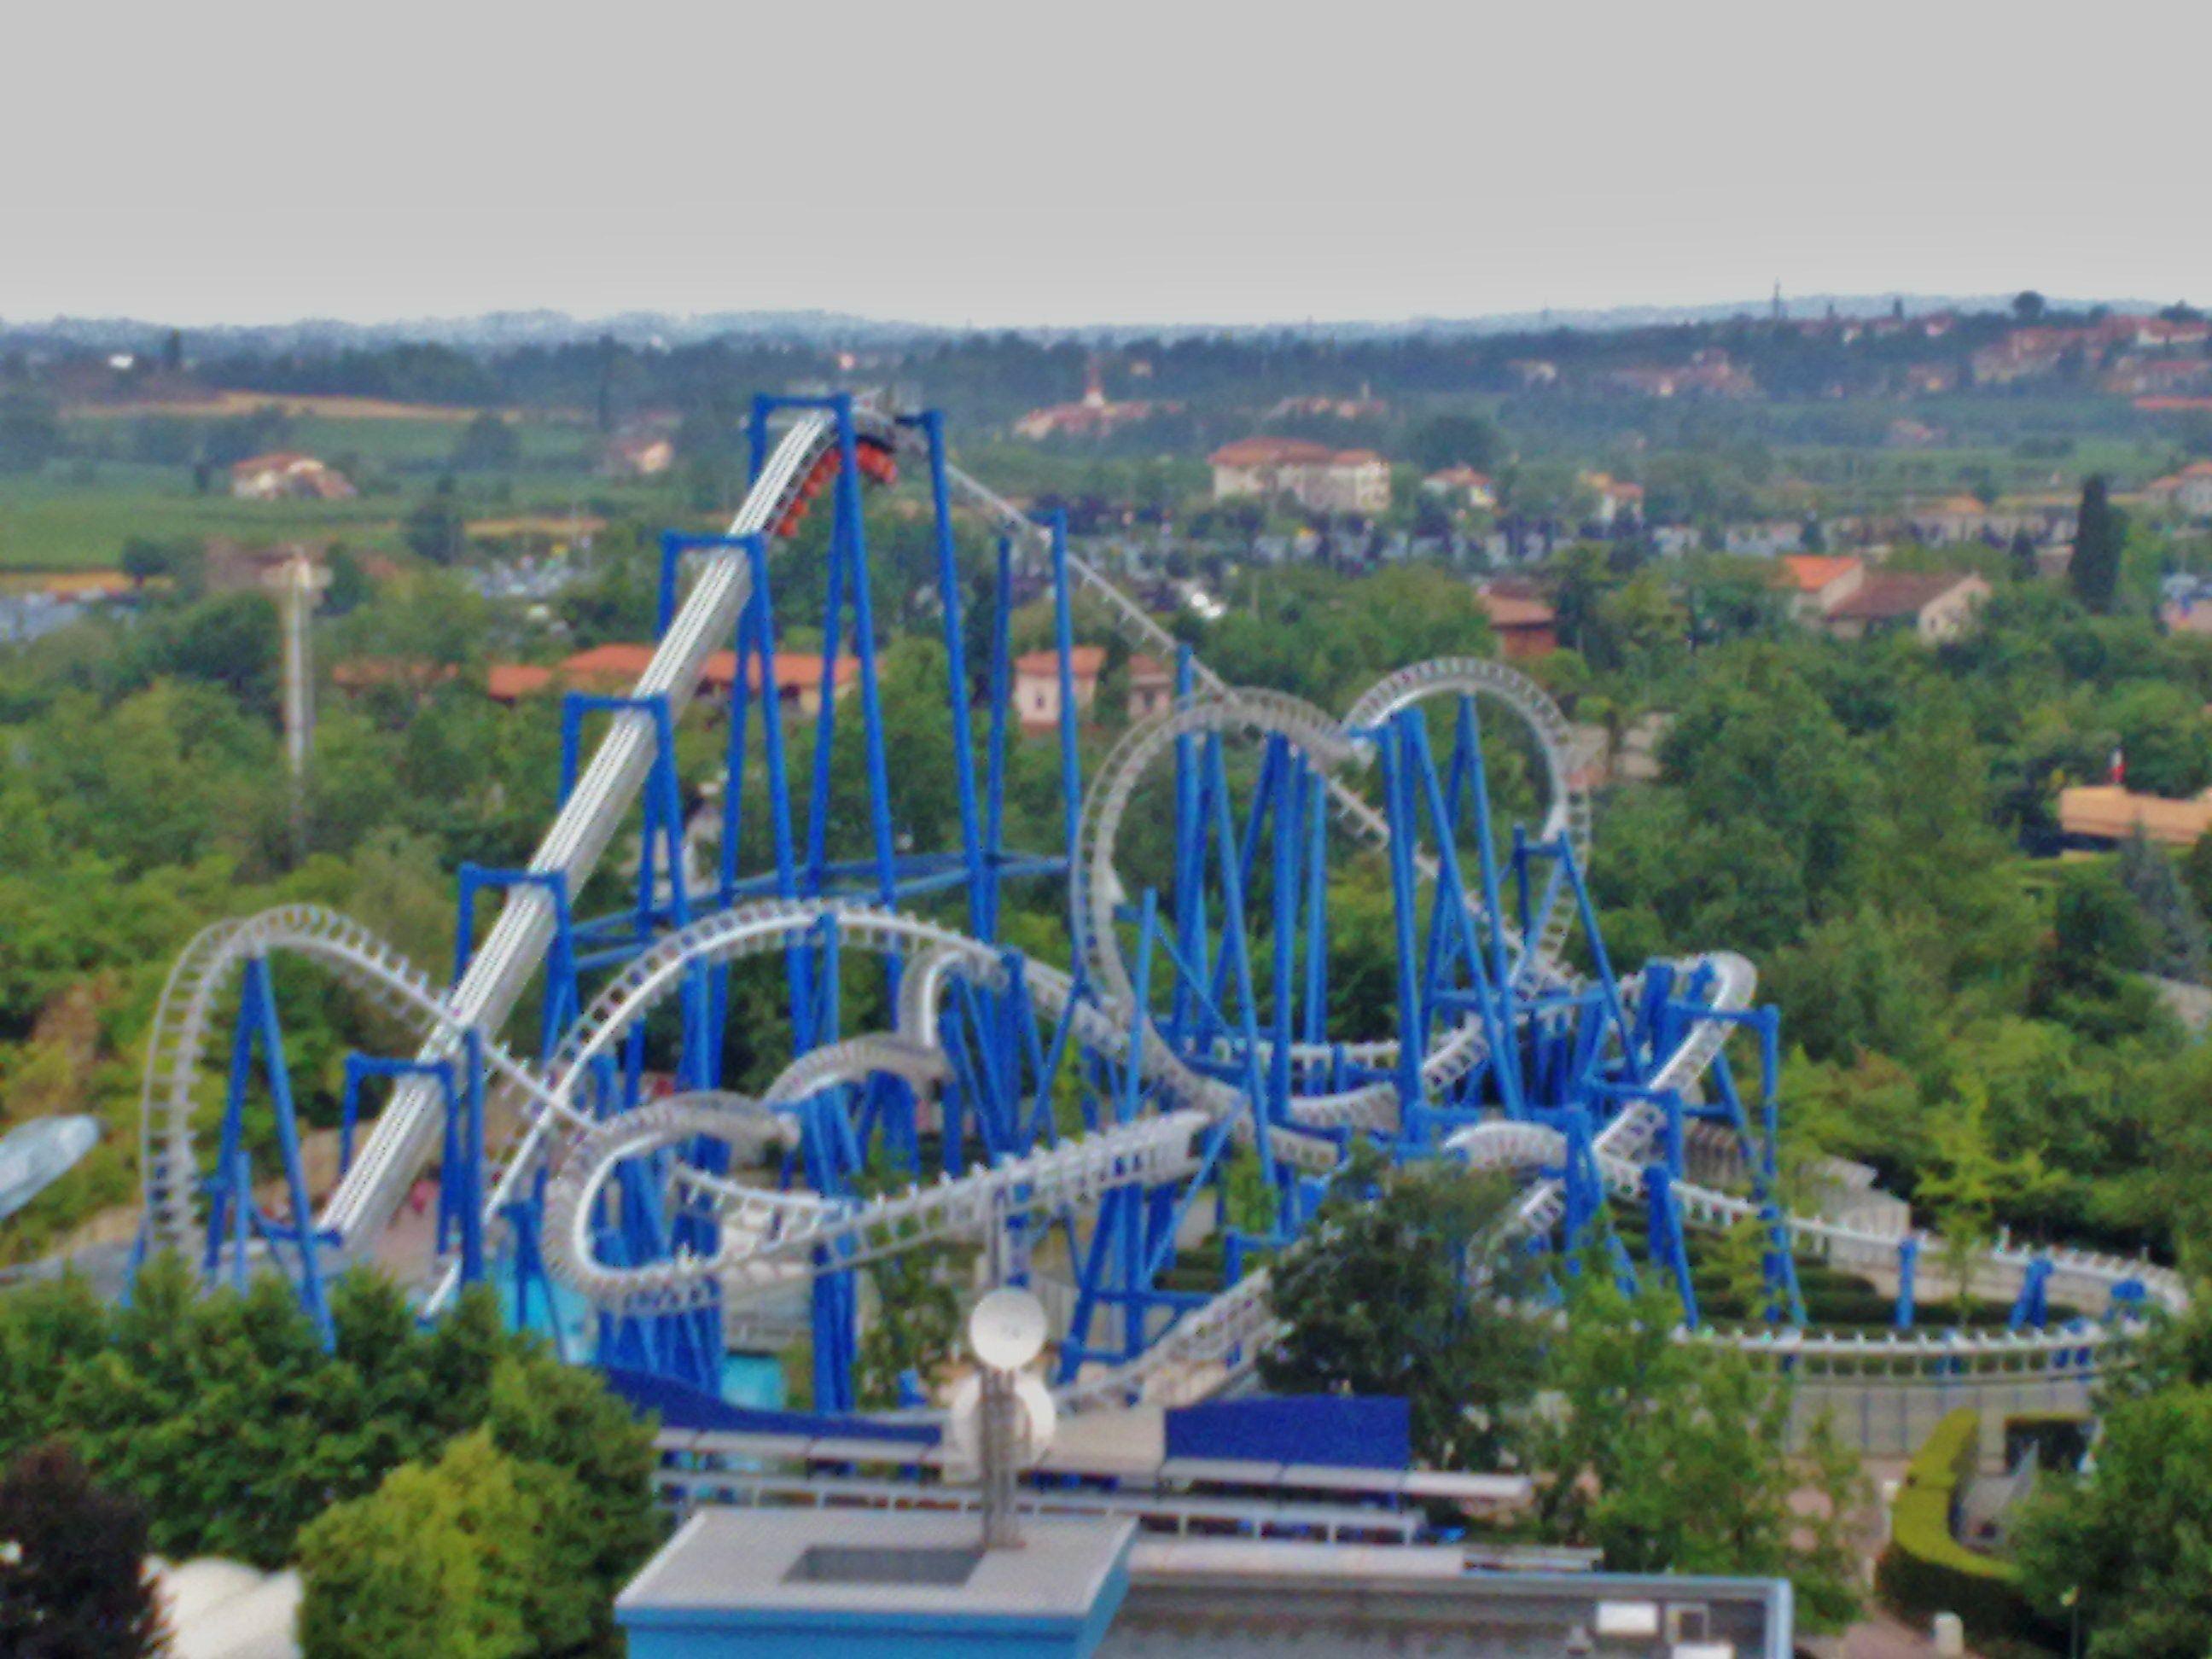 blu tornado